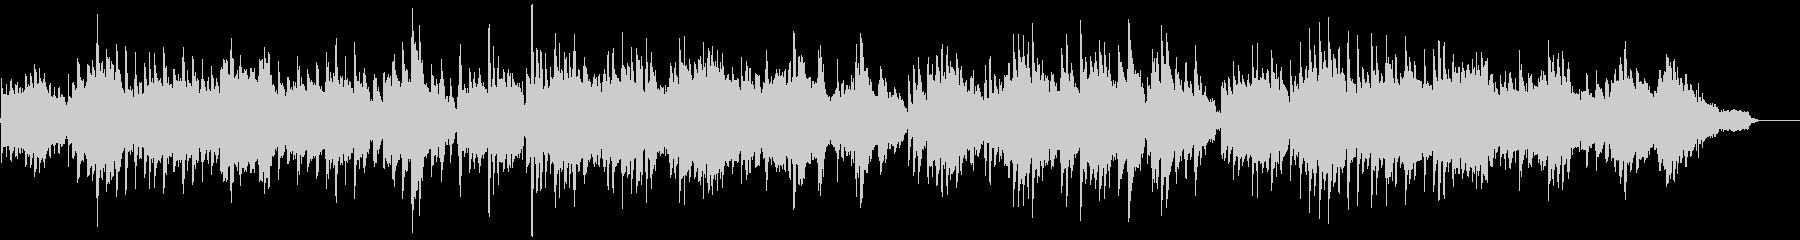 フルートとピアノのシンプルなバラードの未再生の波形